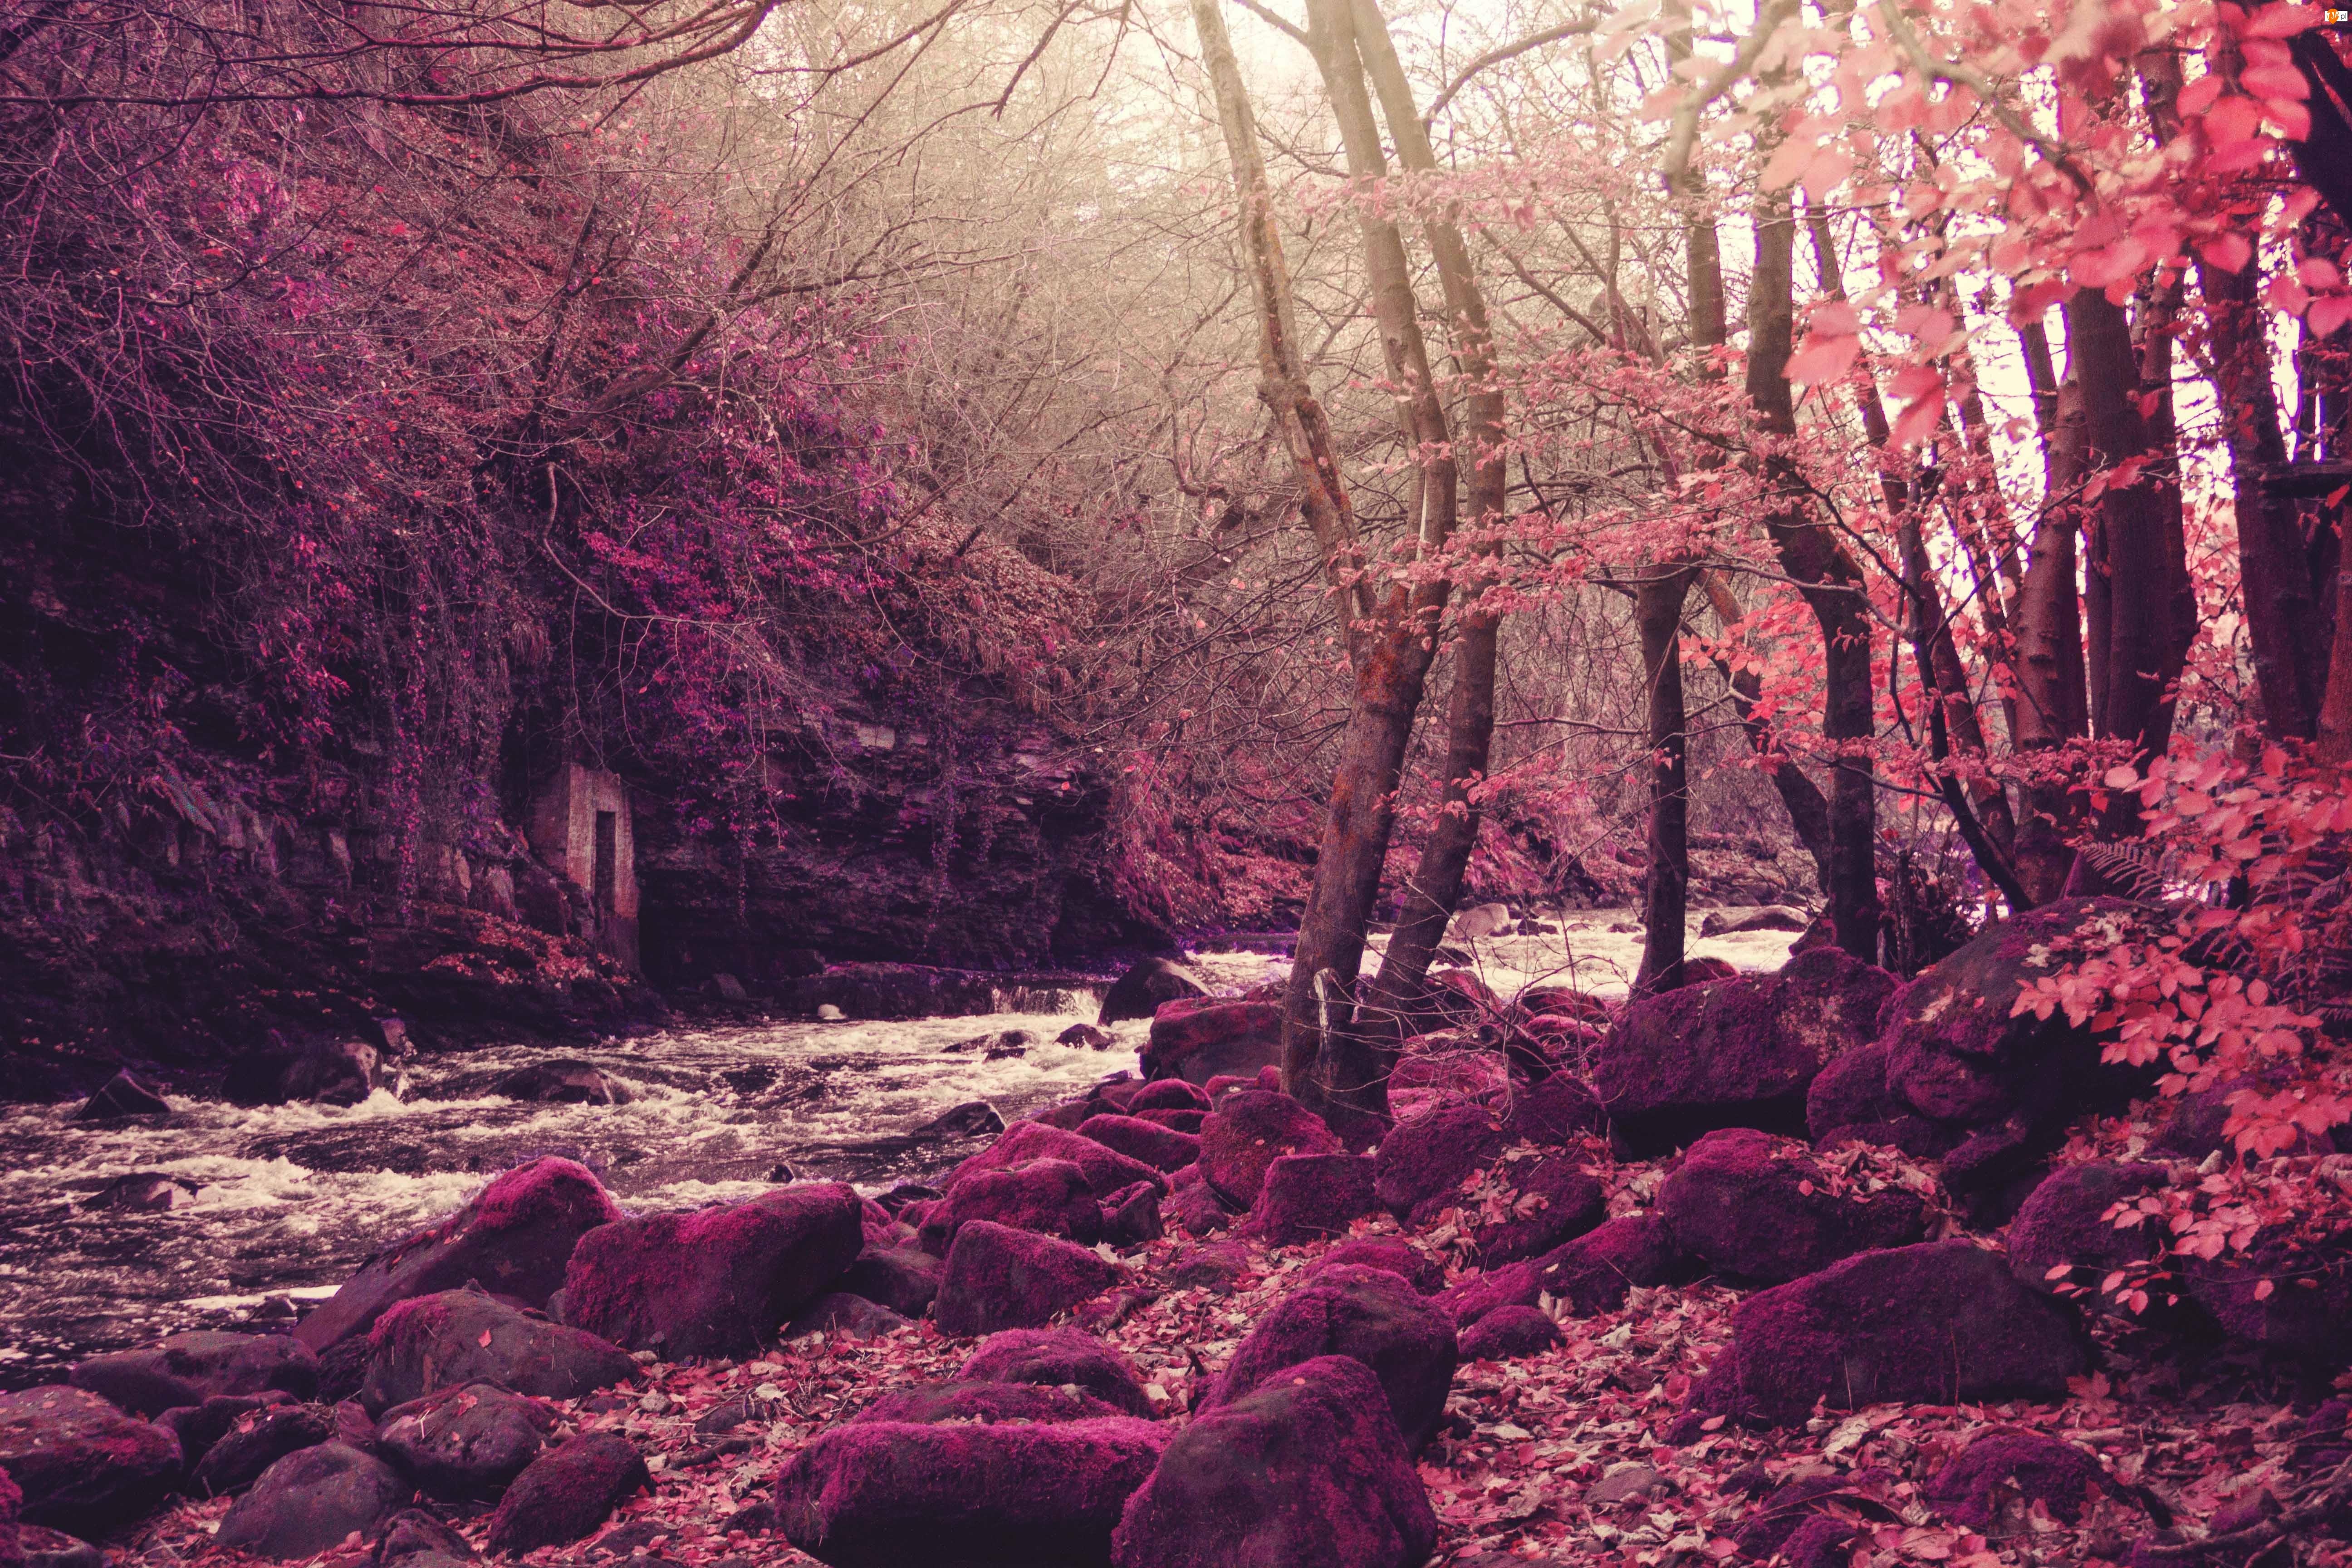 Drzewa, Fioletowe, Grota, Tło, Rzeka